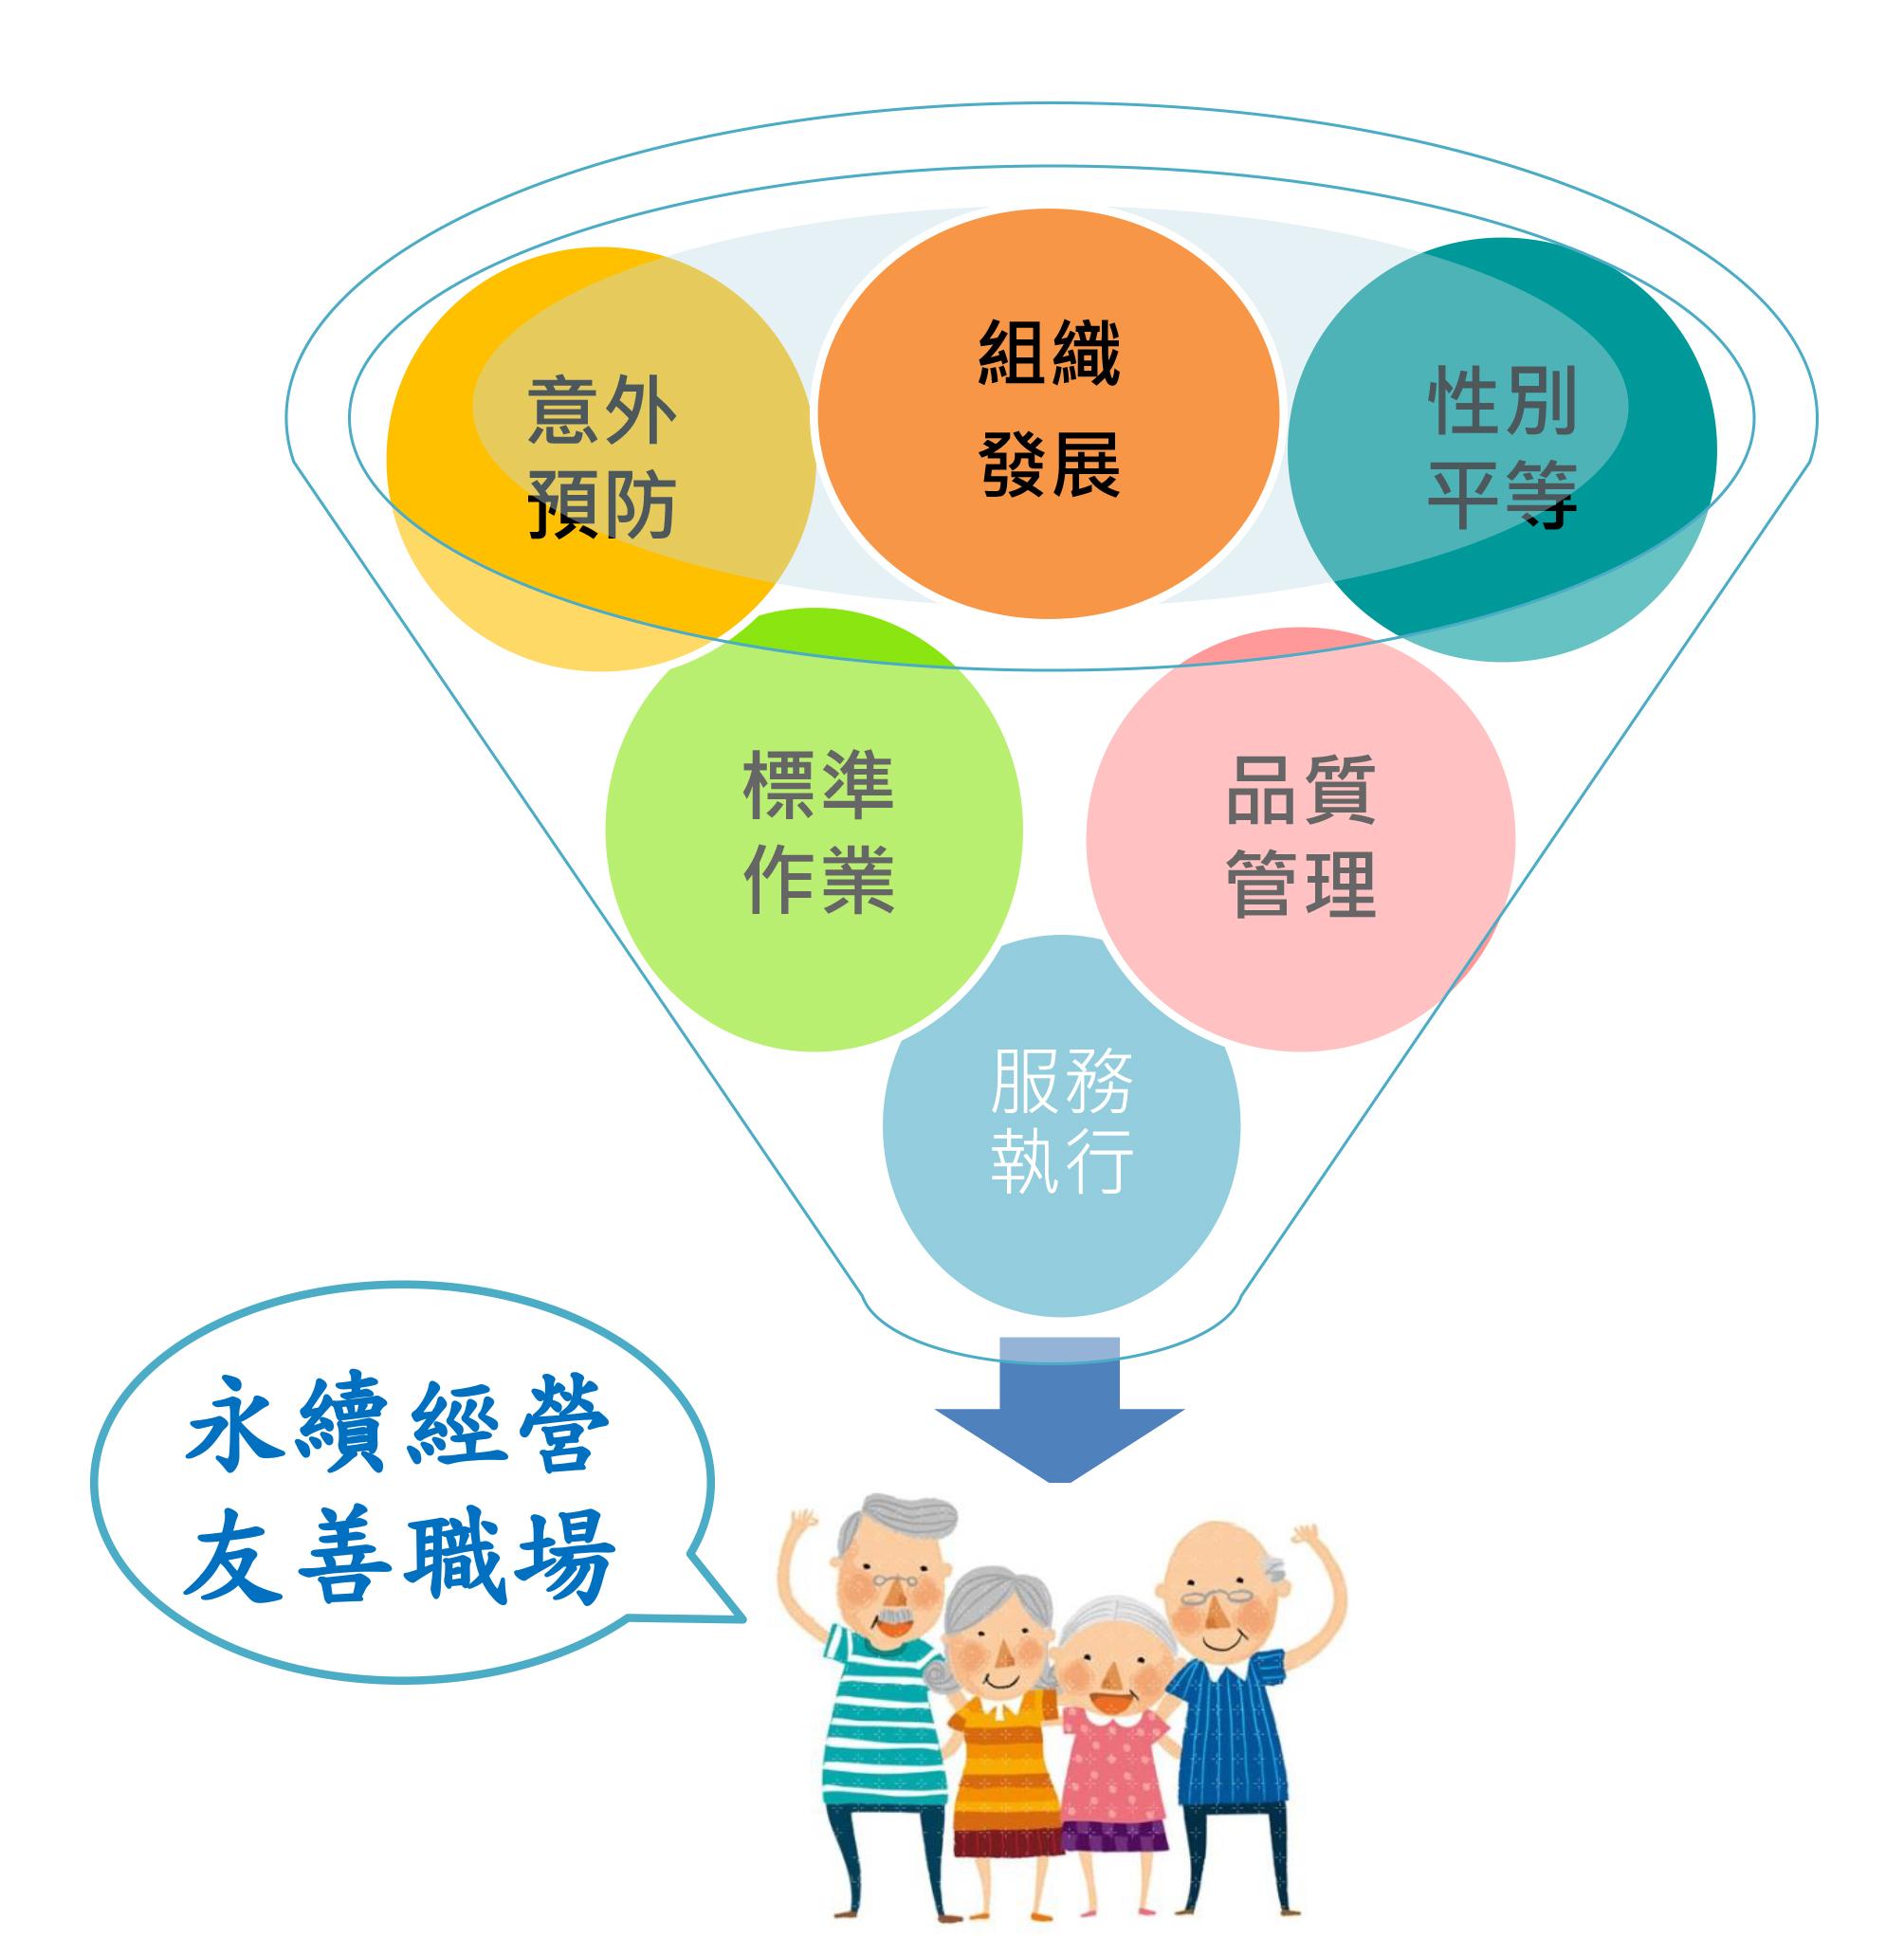 行政管理流程圖